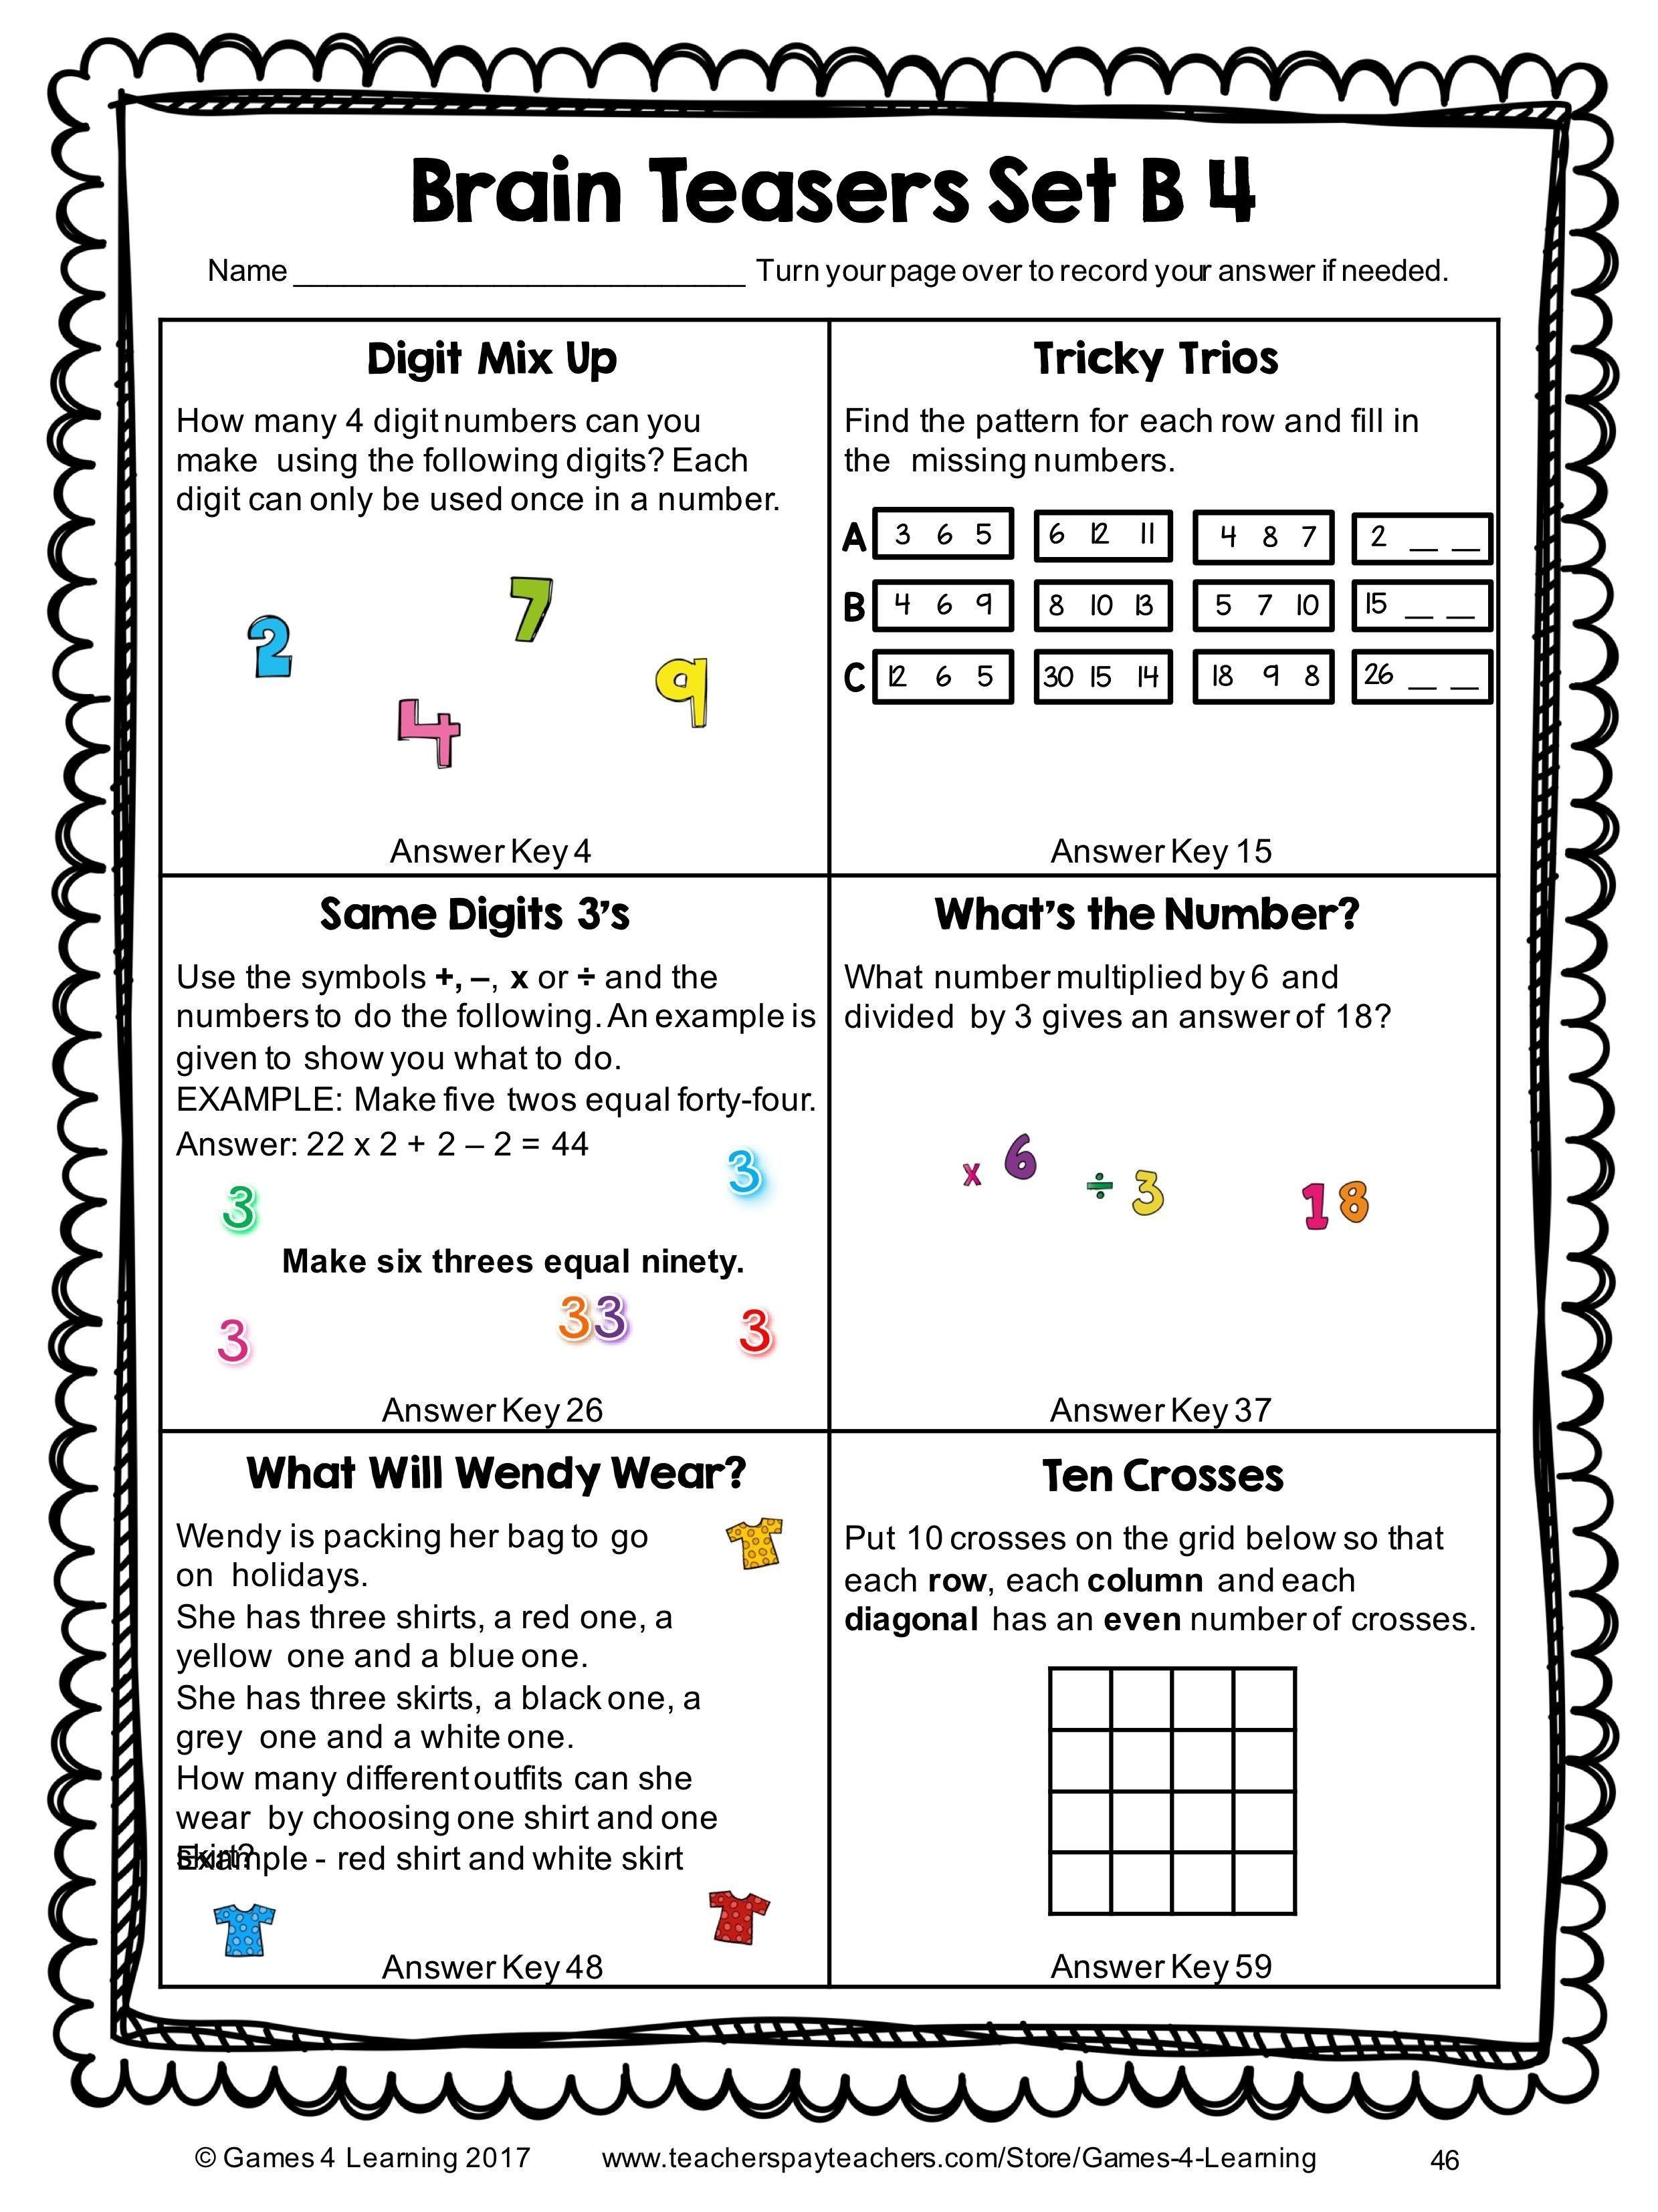 3rd Grade Brain Teasers Printable Brain Teaser Worksheets for Kids